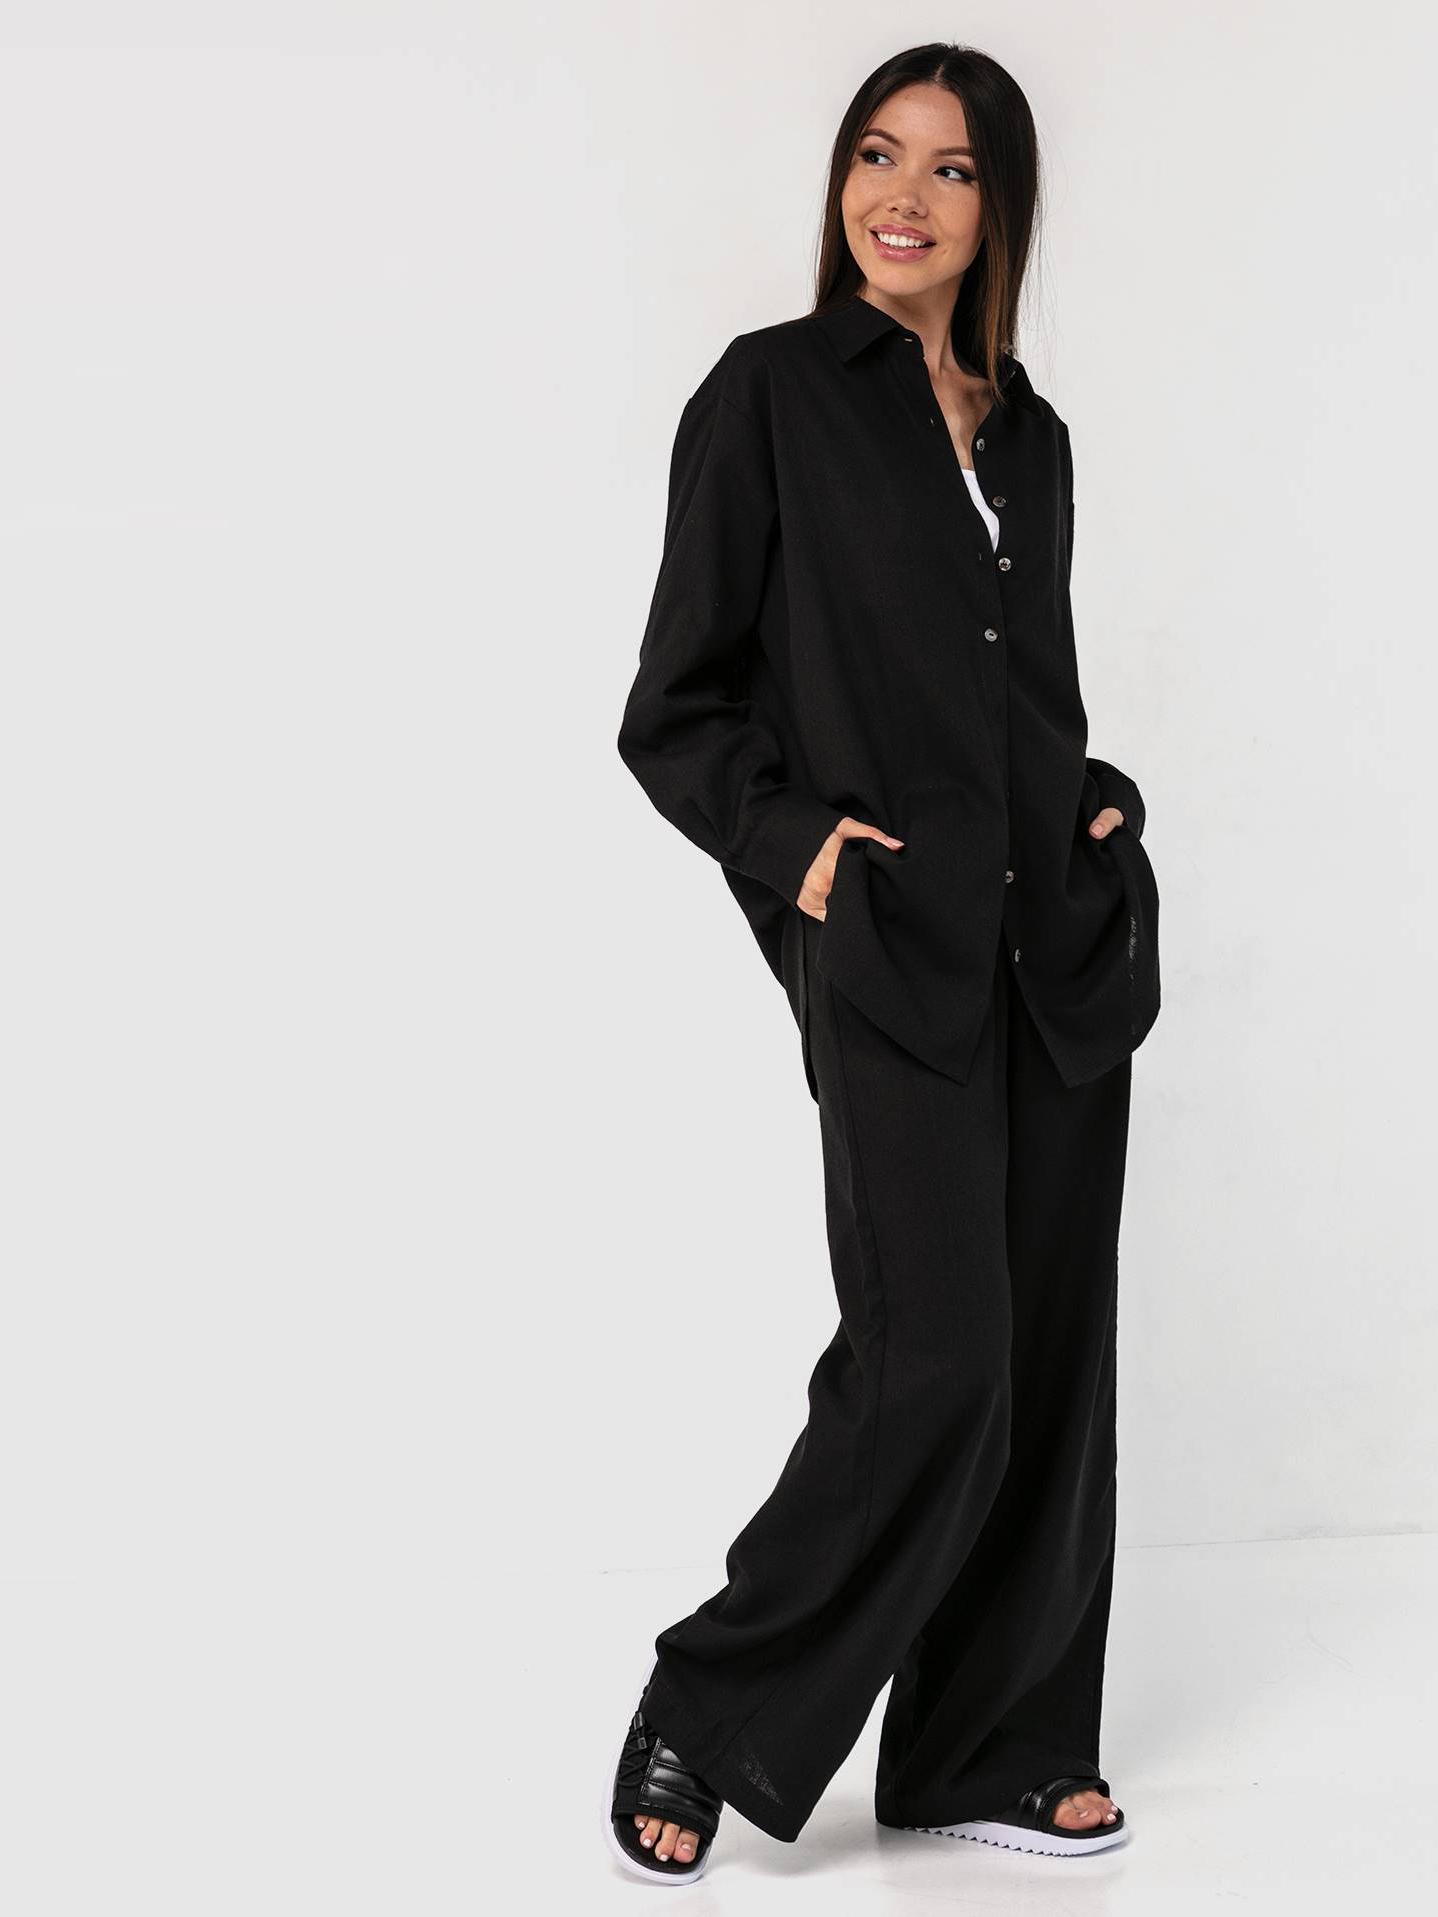 Льняной костюм черный YOS от украинского бренда Your Own Style